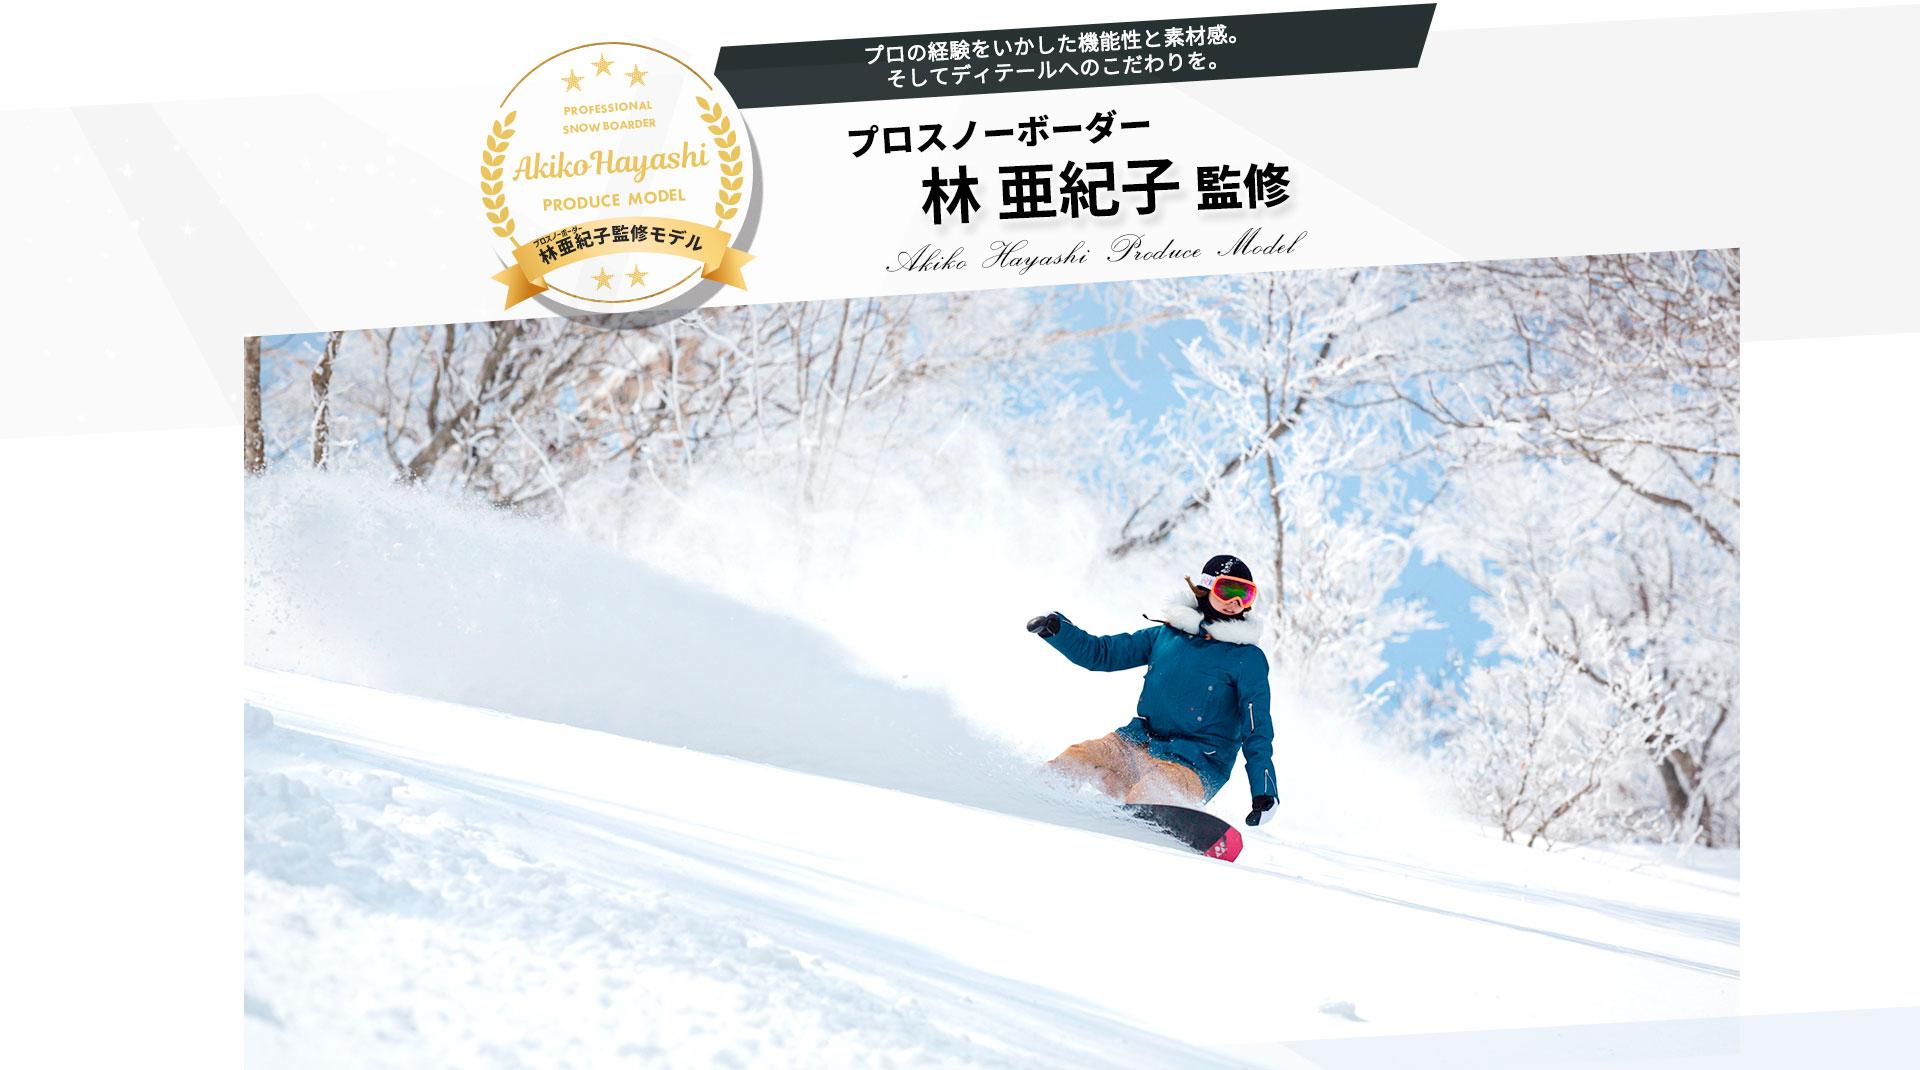 プロスノーボーダー林亜紀子監修